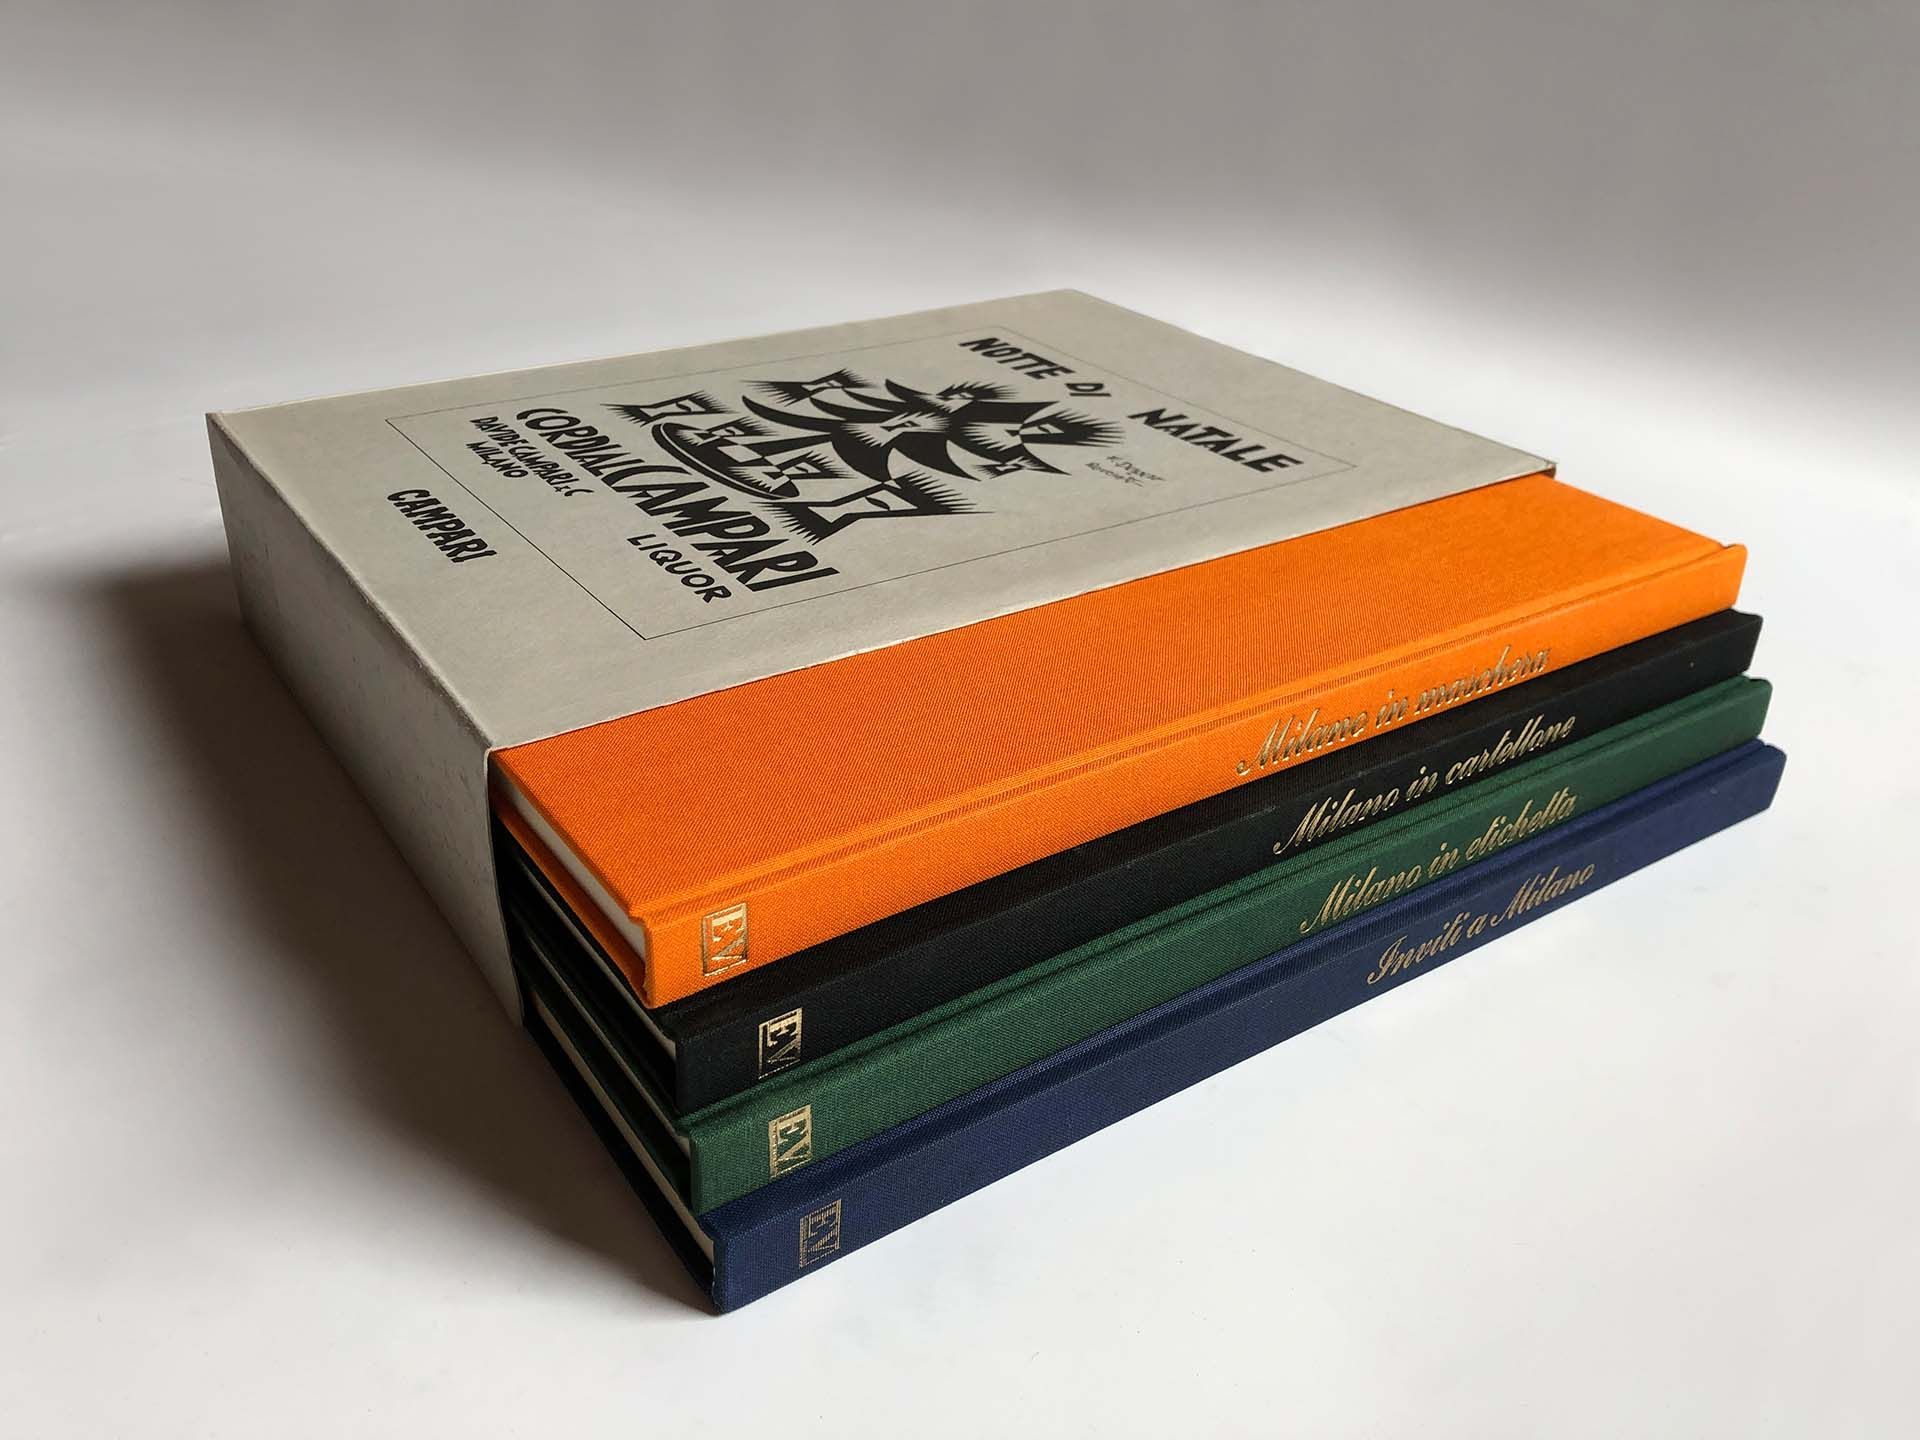 libri e riviste - MARIANI tipolitografia